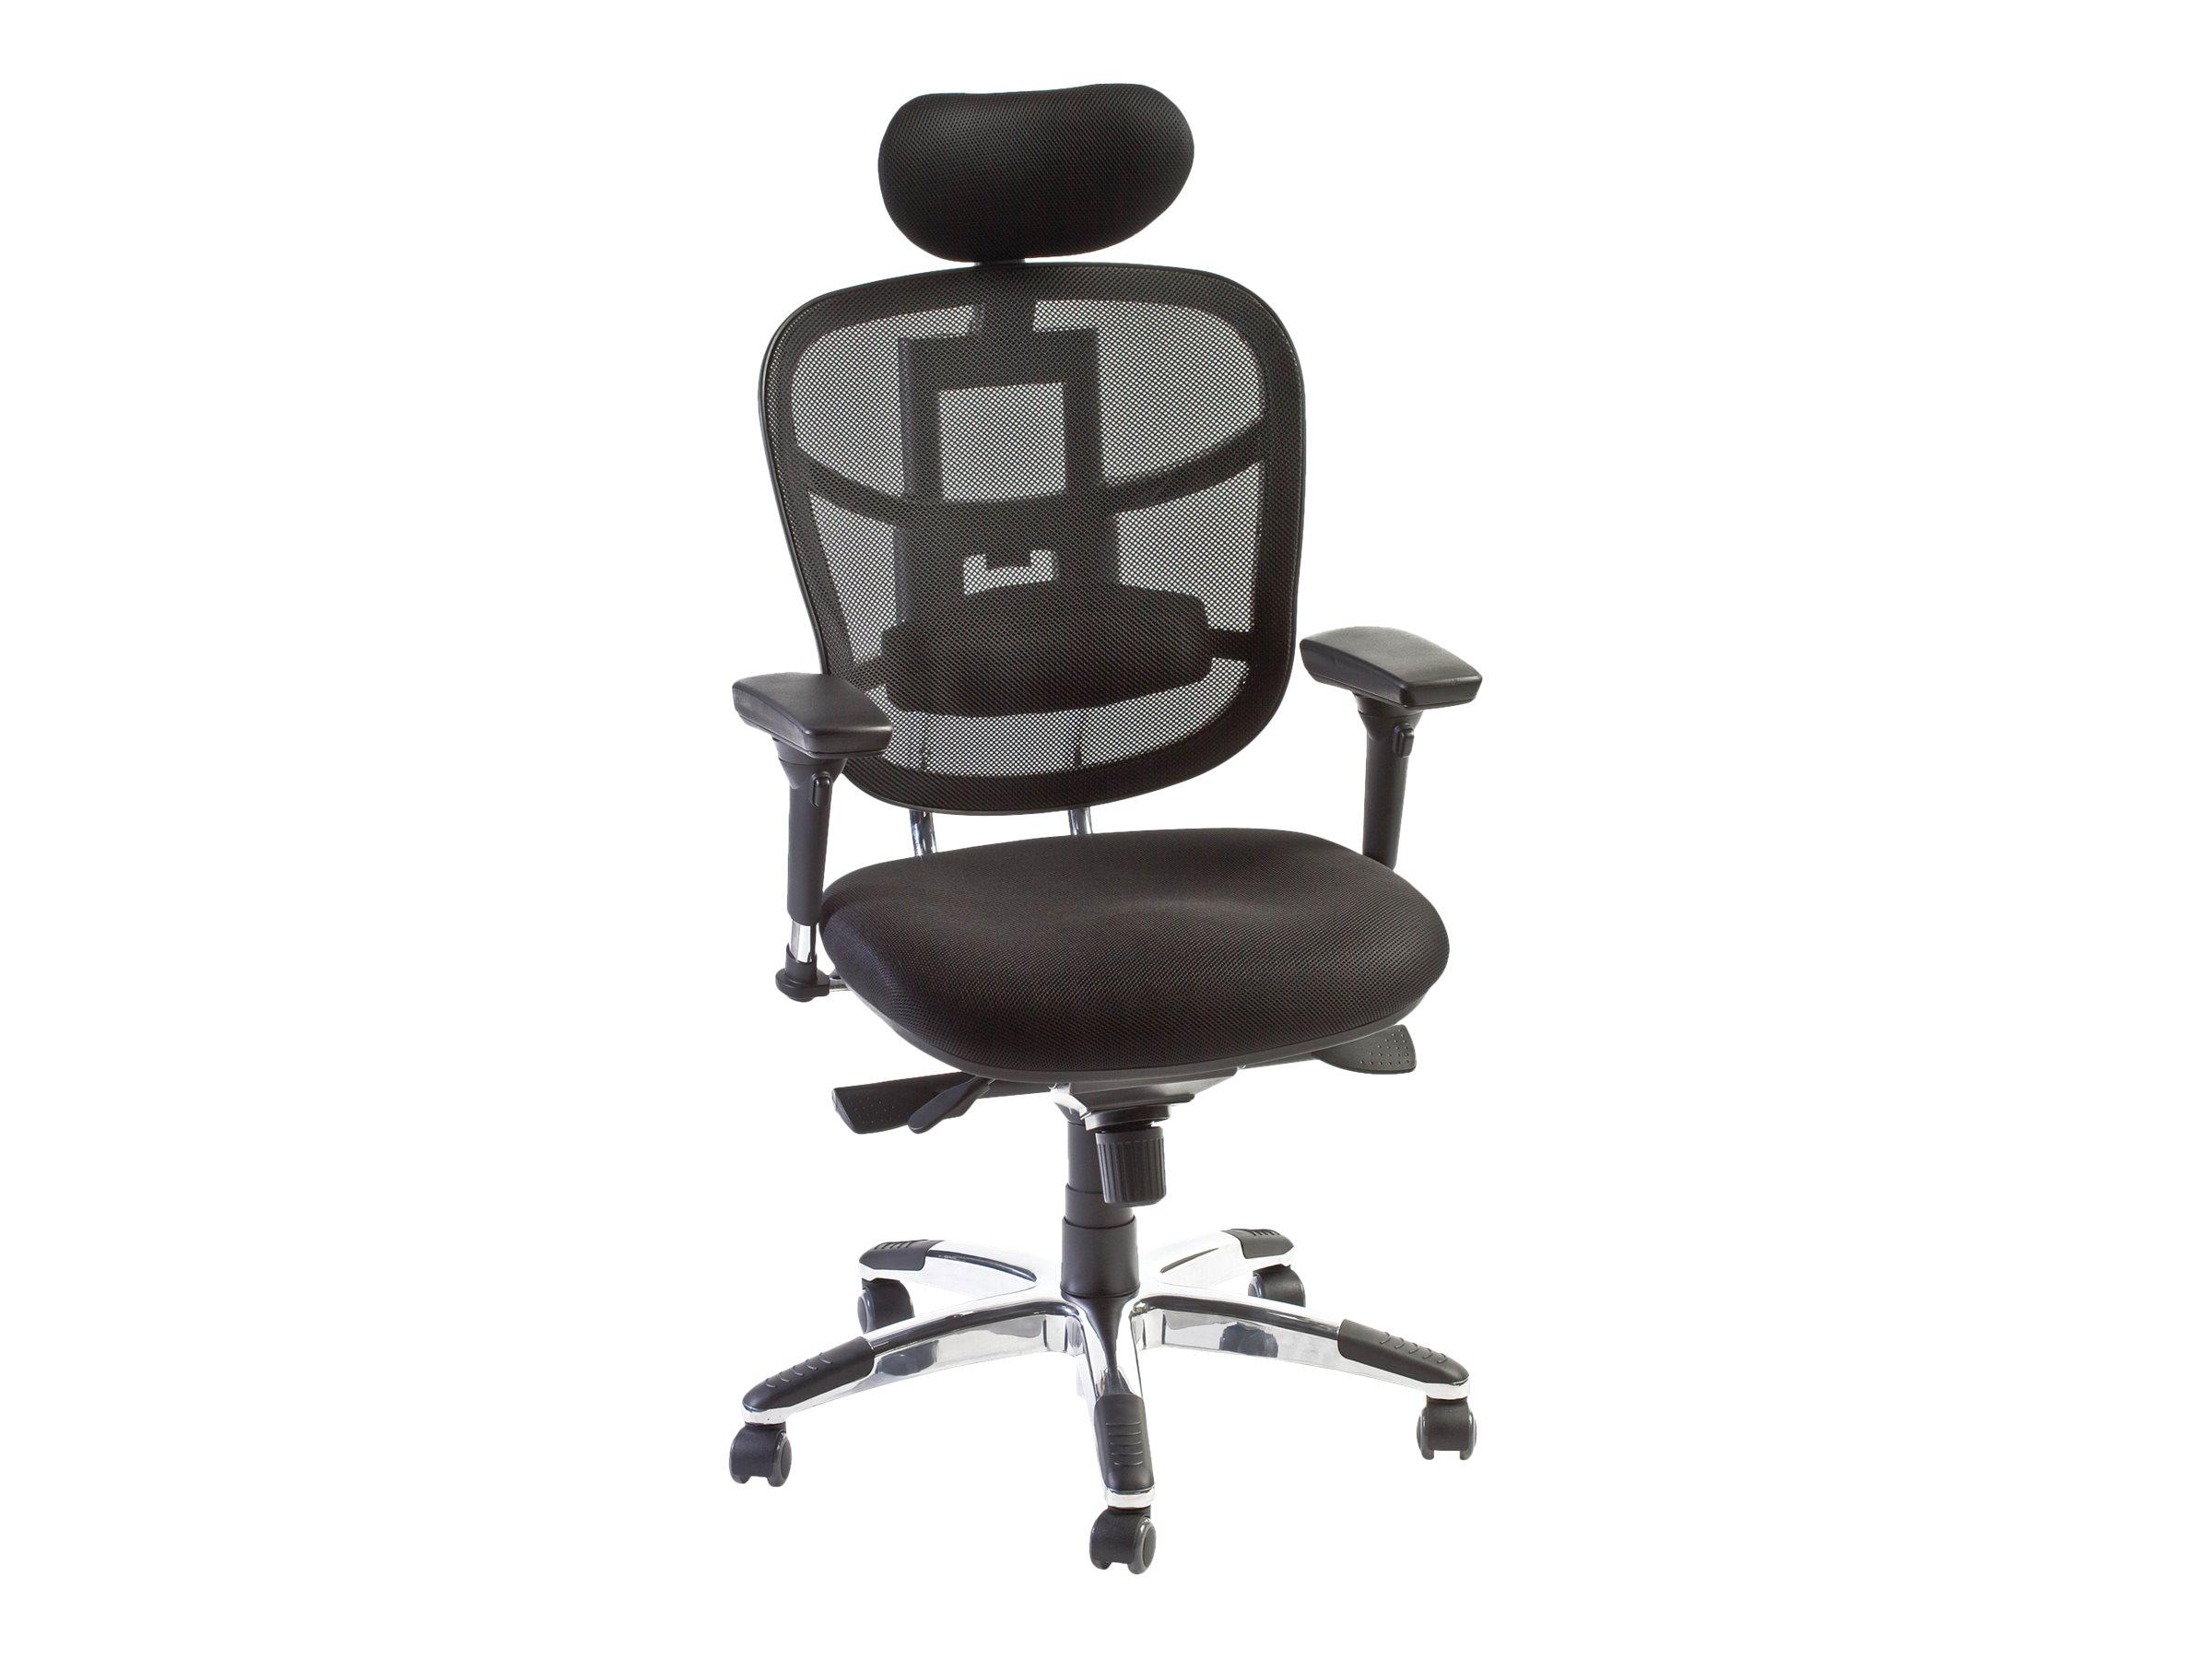 officepro tecknet fauteuil accoudoirs diff rents coloris fauteuils de direction. Black Bedroom Furniture Sets. Home Design Ideas